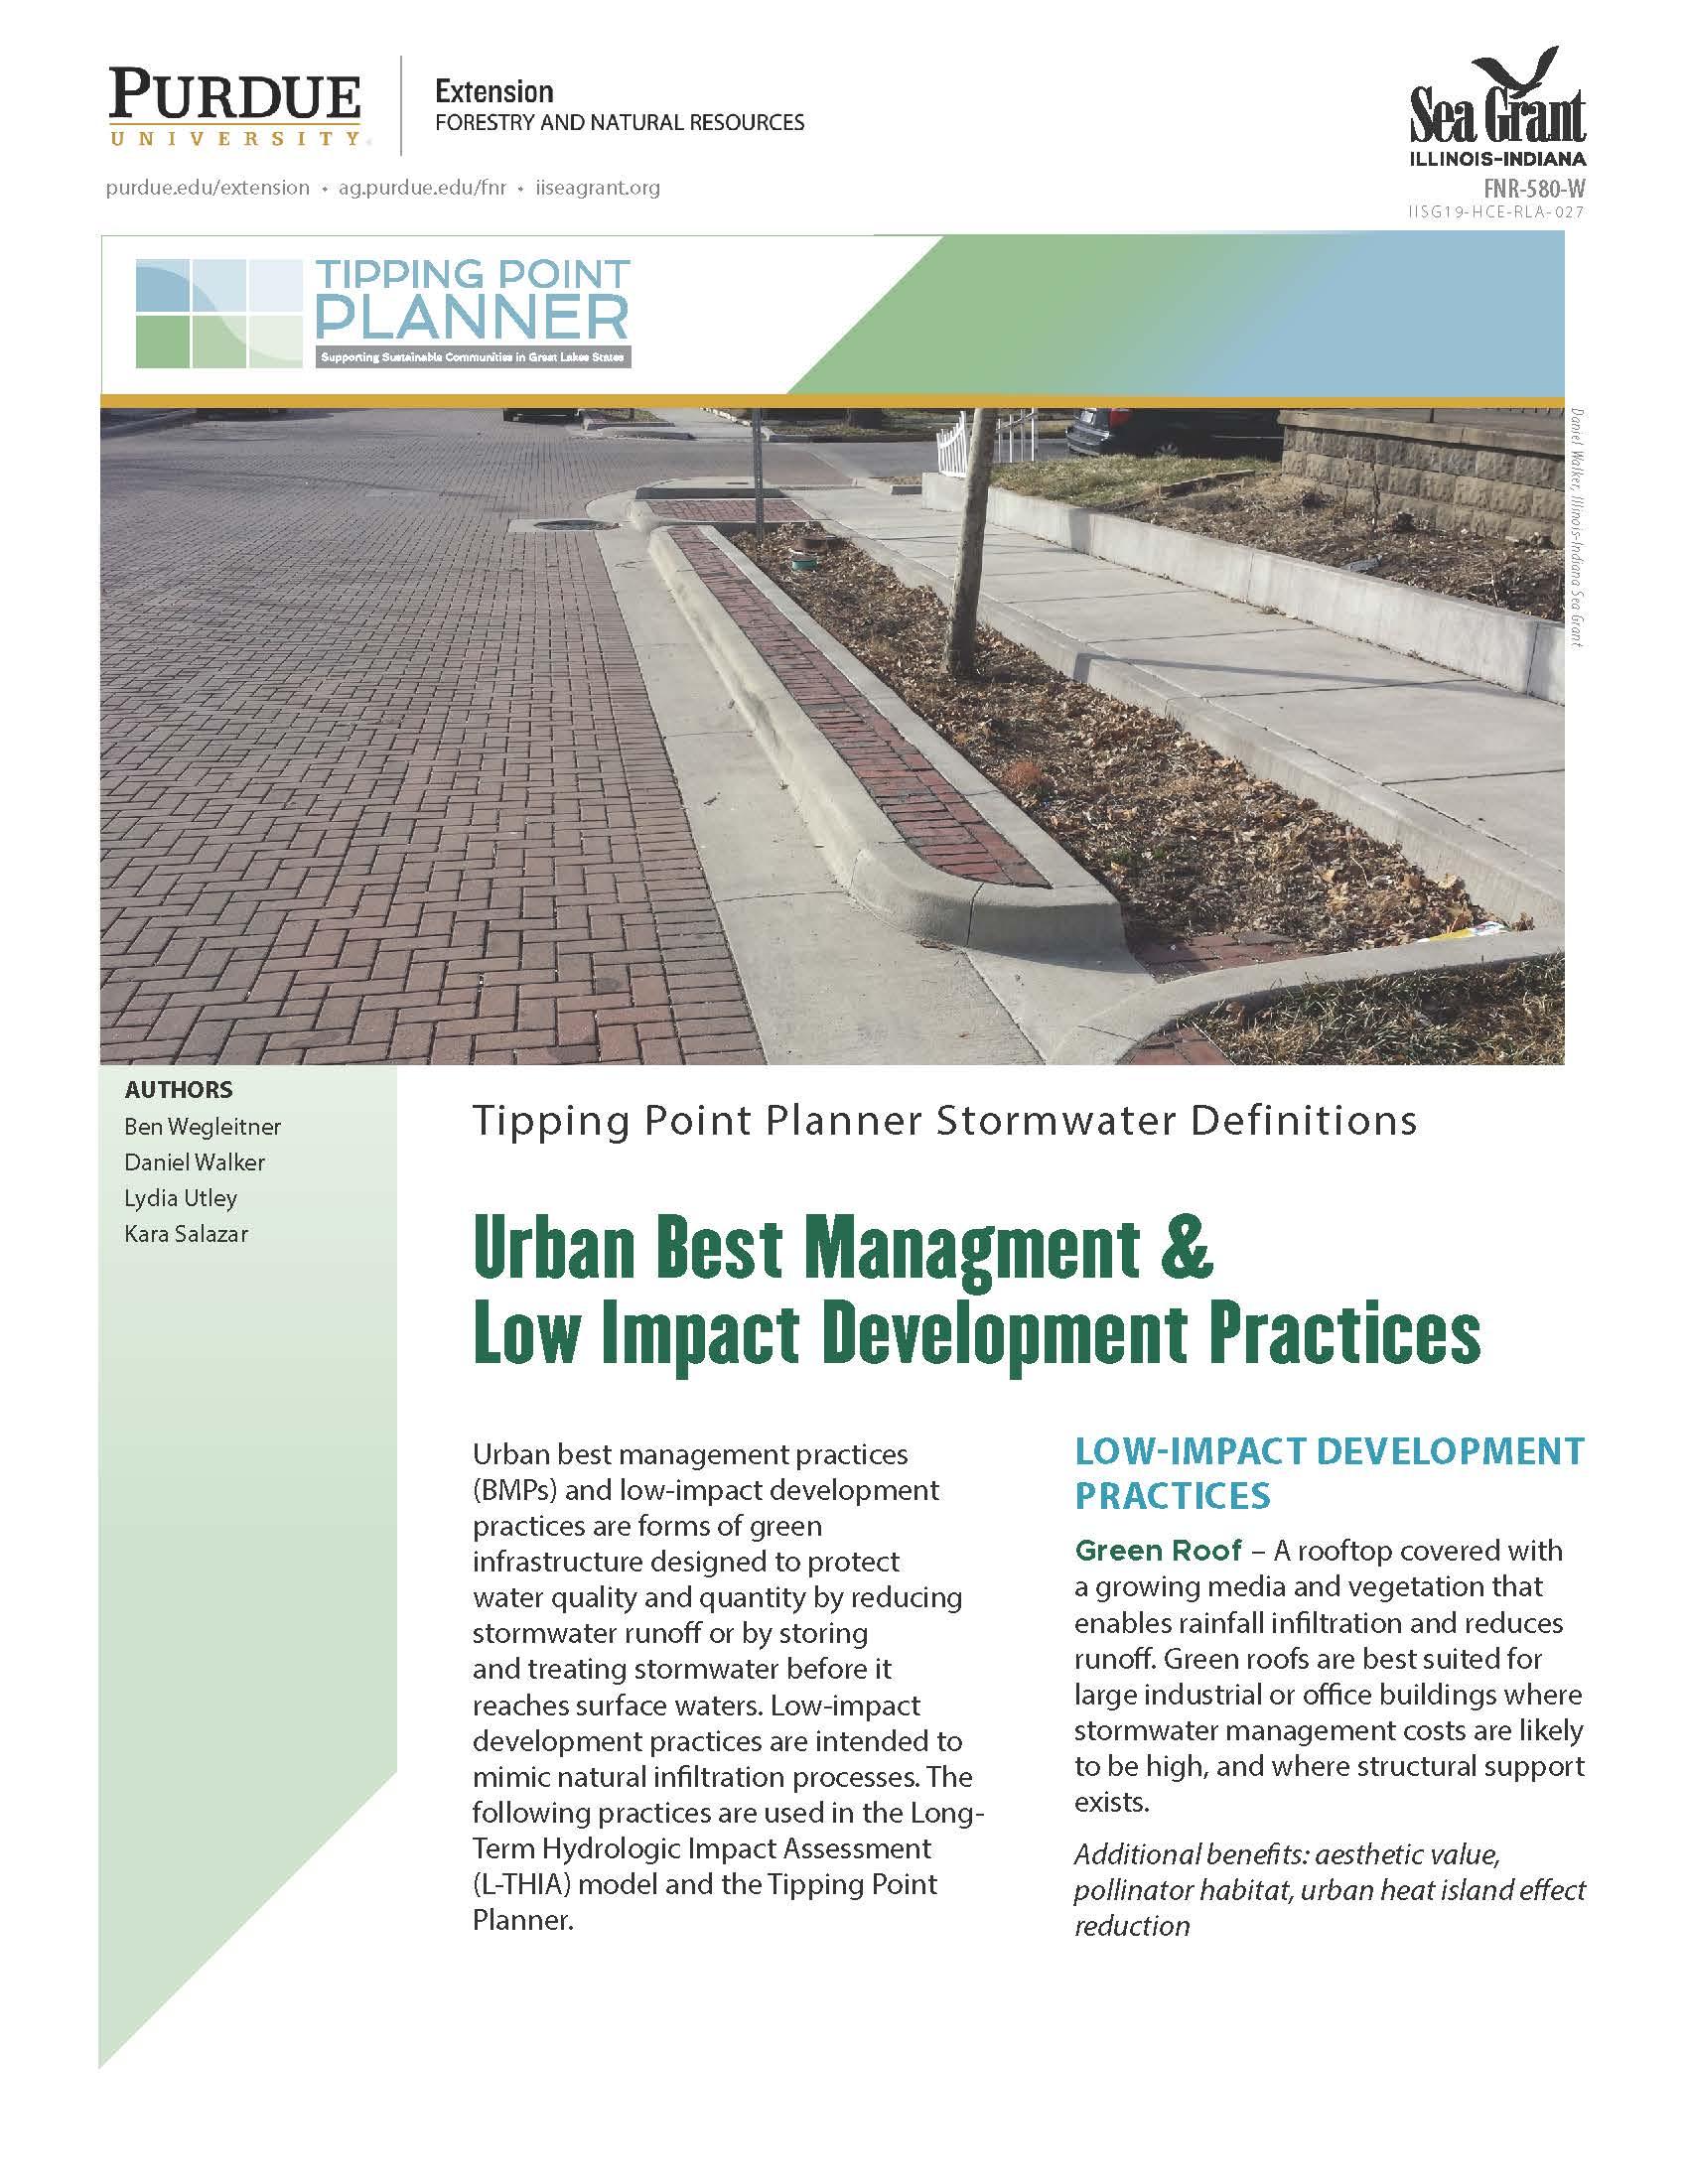 Urban Best Management & Low Impact Development Practices Thumbnail